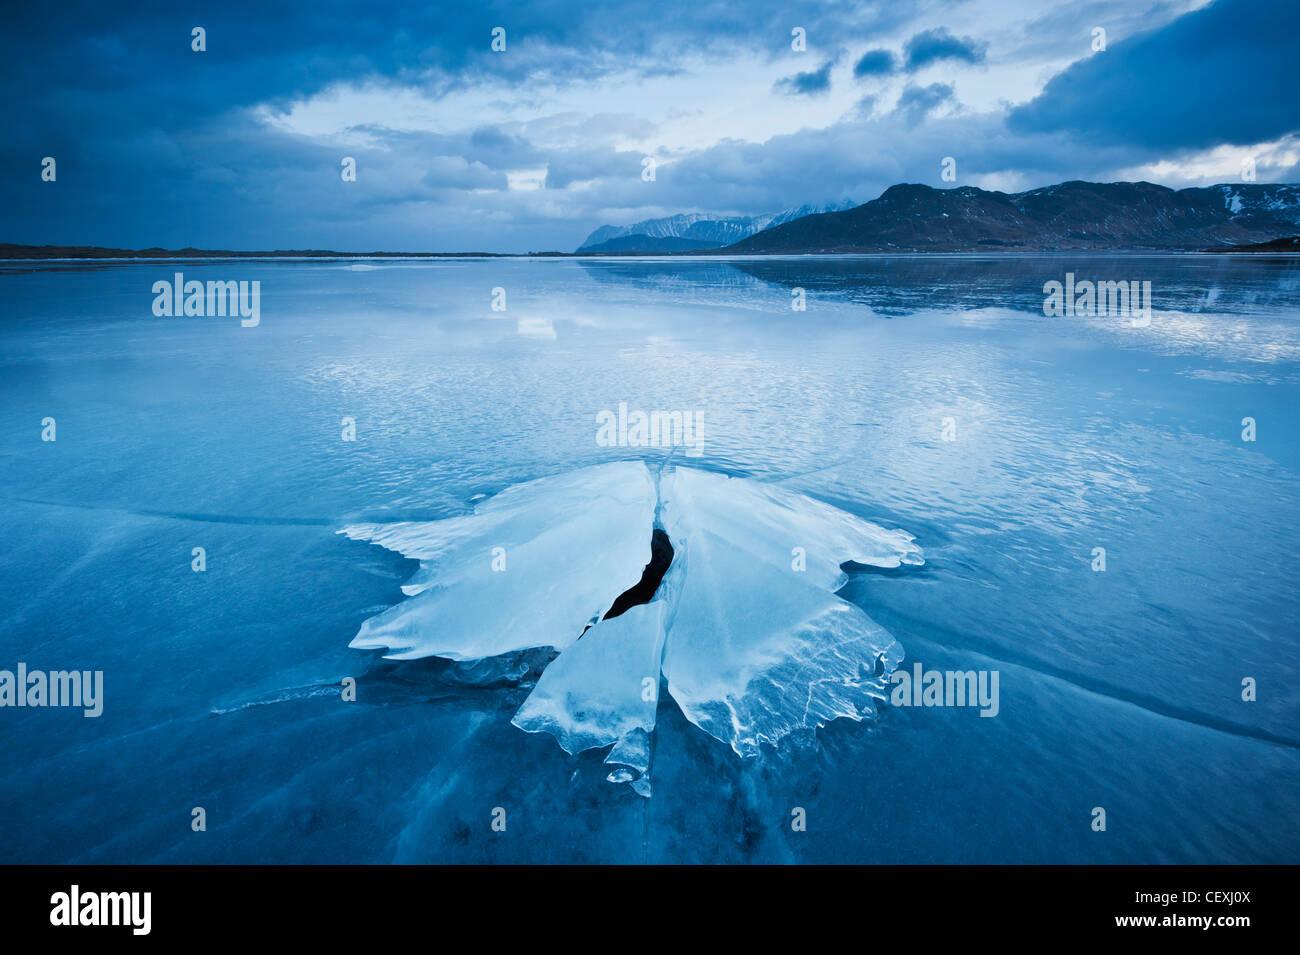 Ice formation of frozen coast of Ytterpollen, Lofoten Islands, Norway - Stock Image